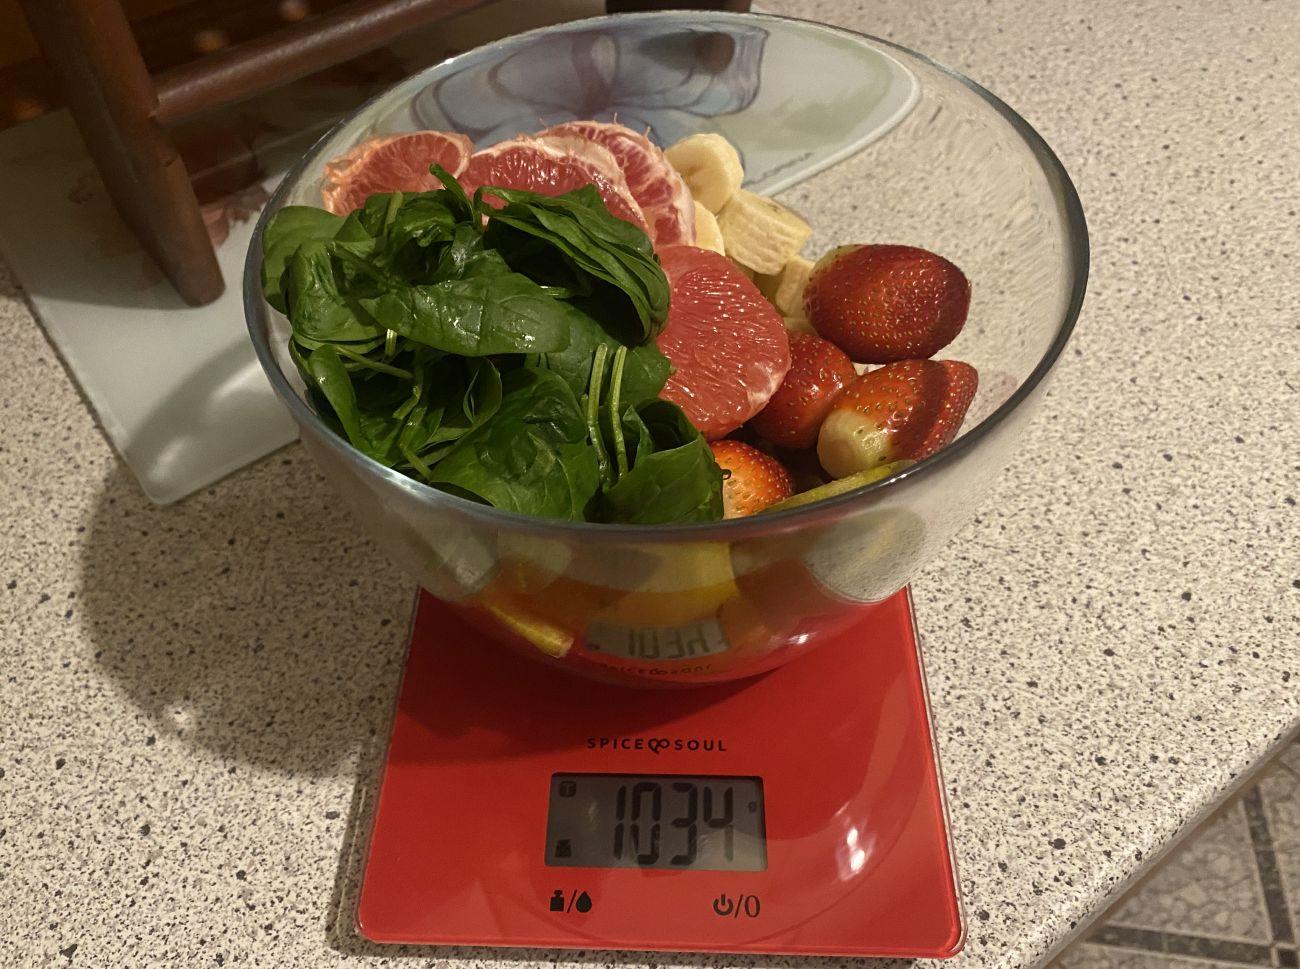 Kuvings EVO820 Plus ważenie składników przed testem wyciskania soku warzywno-owocowego 2